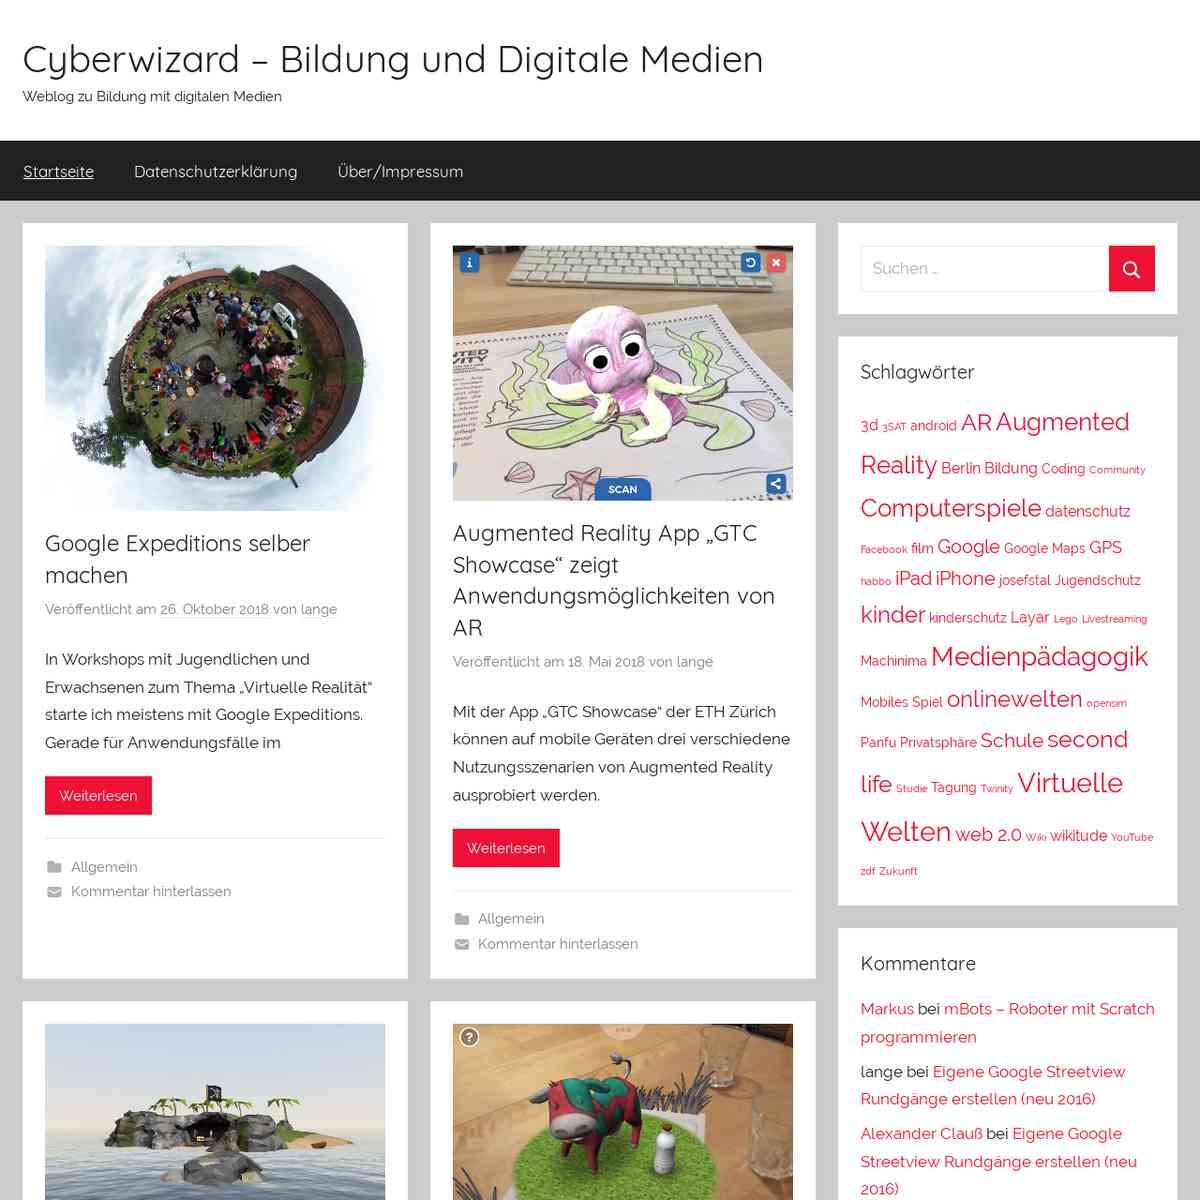 Cyberwizard – Bildung und Digitale Medien – Weblog zu Bildung mit digitalen Medien